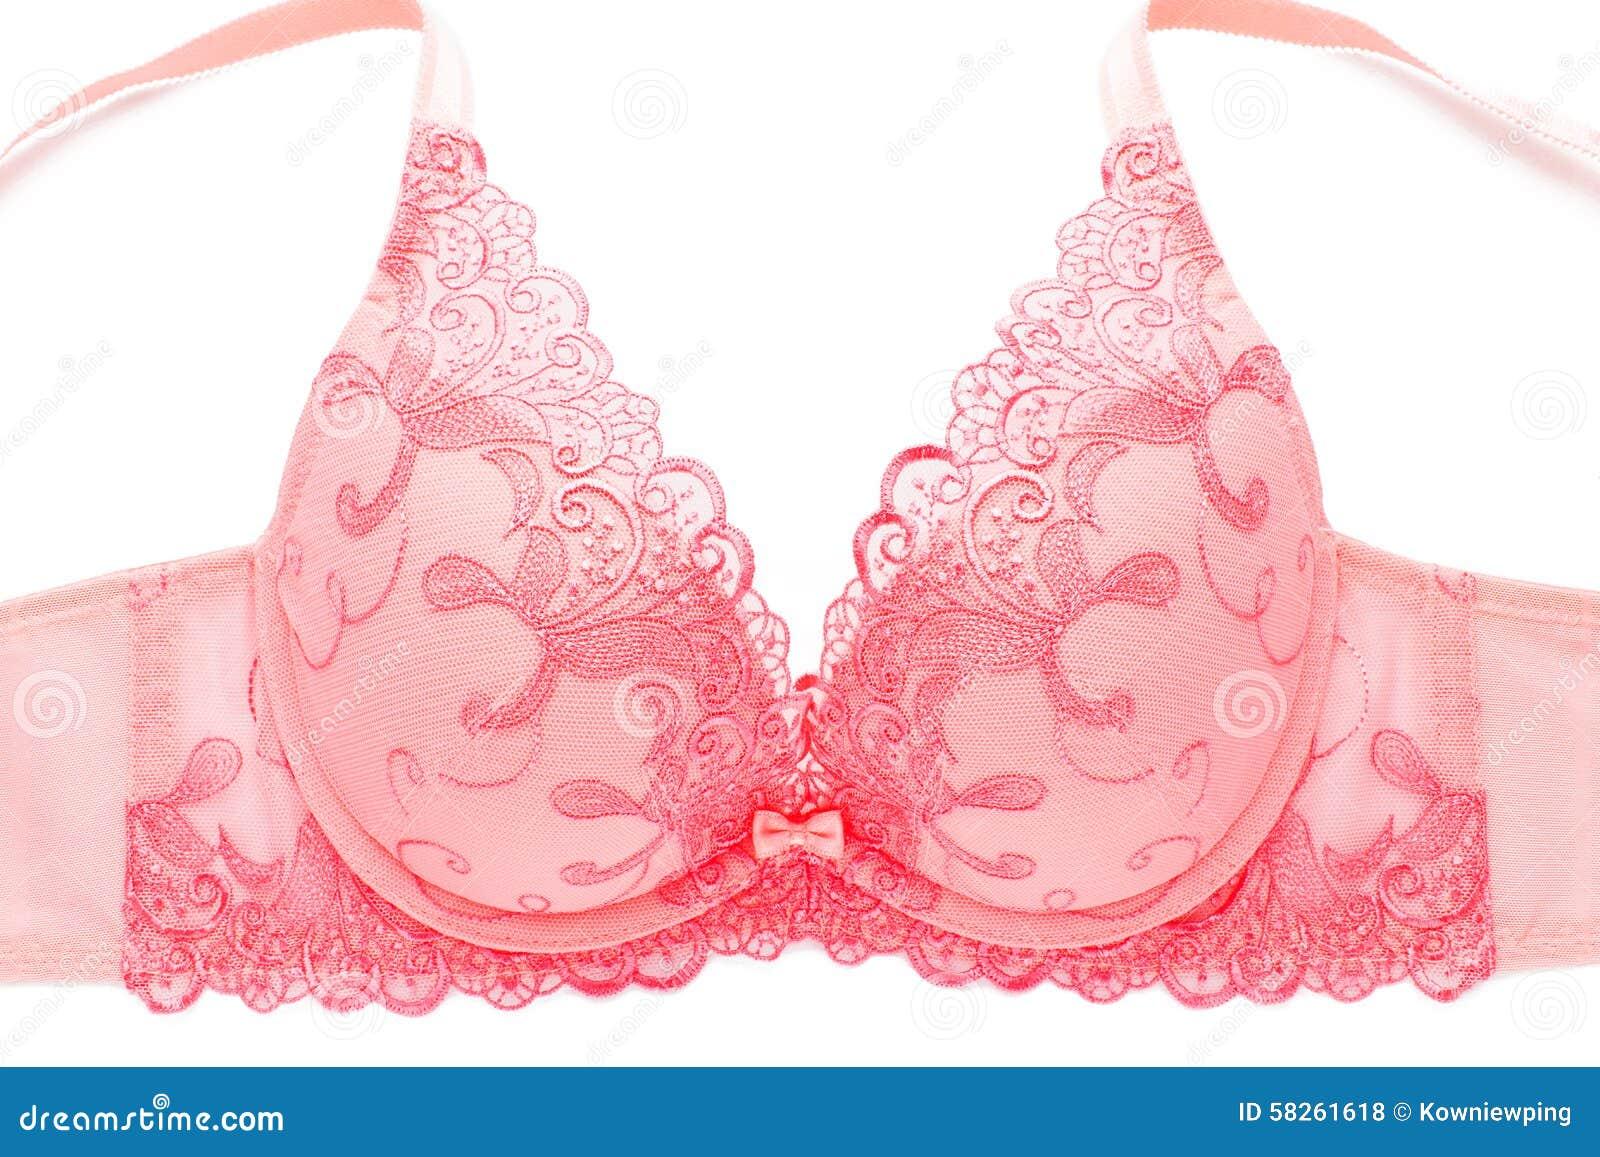 offre spéciale mignon pas cher détaillant en ligne Soutien-gorge Rose De Dentelle Photo stock - Image du ...